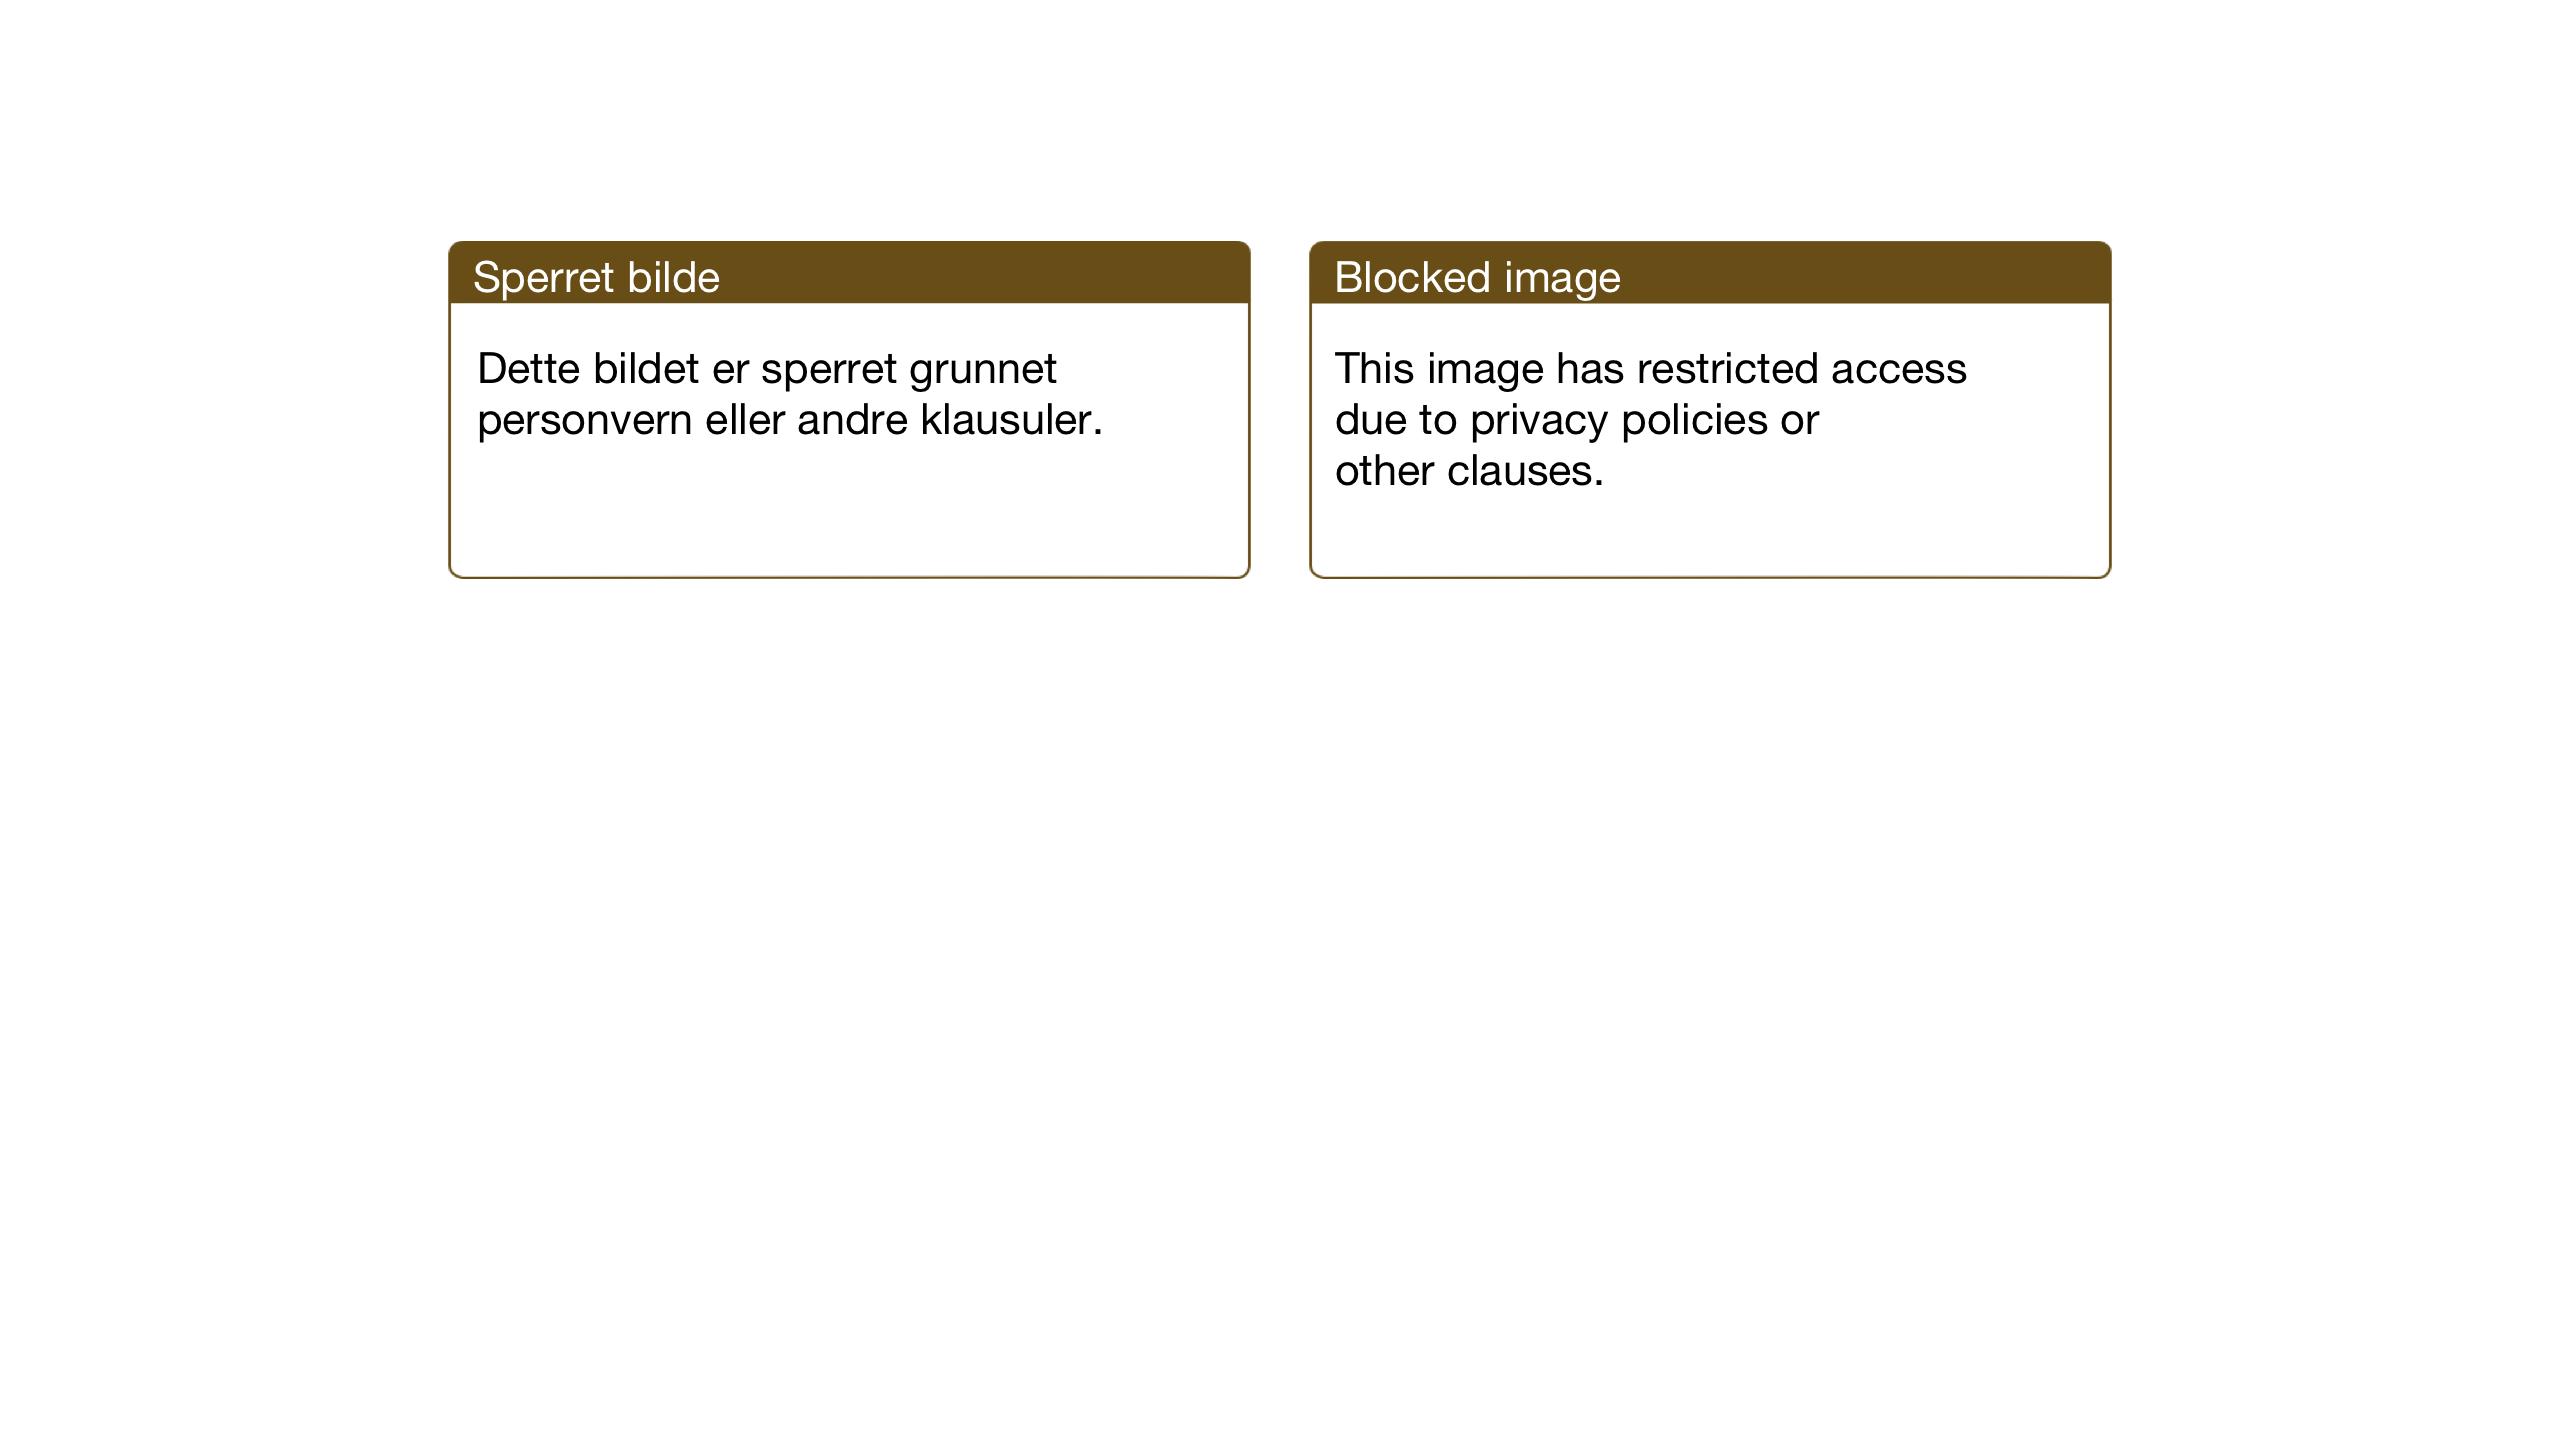 SAT, Ministerialprotokoller, klokkerbøker og fødselsregistre - Sør-Trøndelag, 651/L0648: Klokkerbok nr. 651C02, 1915-1945, s. 79